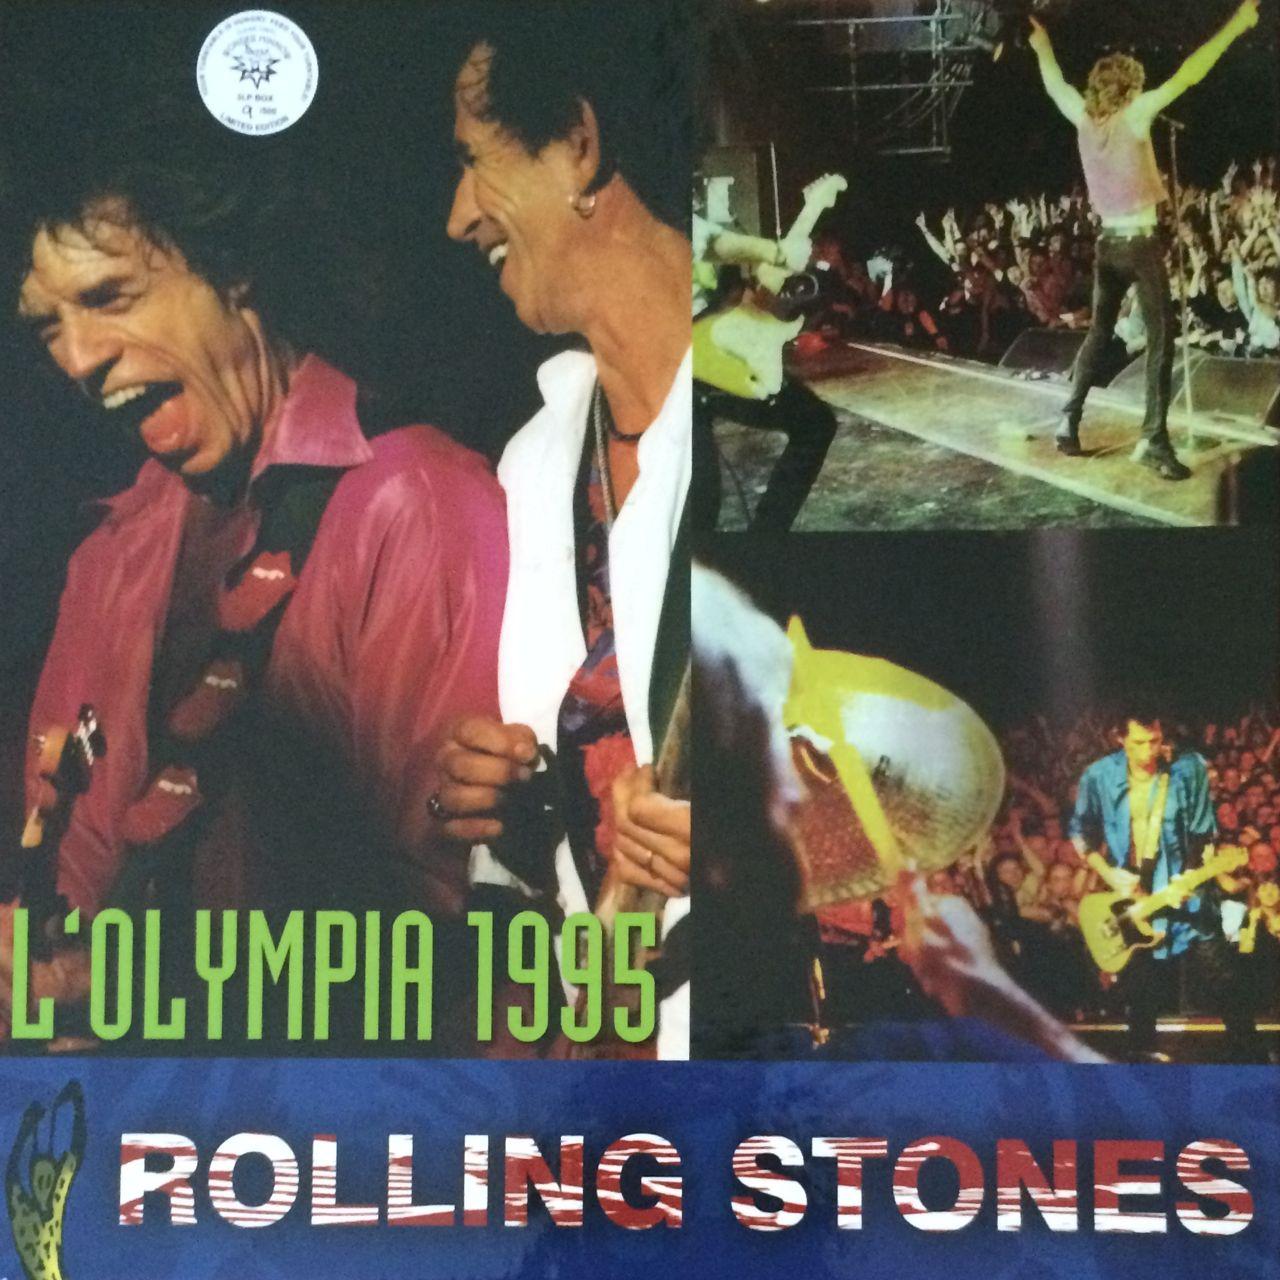 The Rolling Stones Beast Of Burden